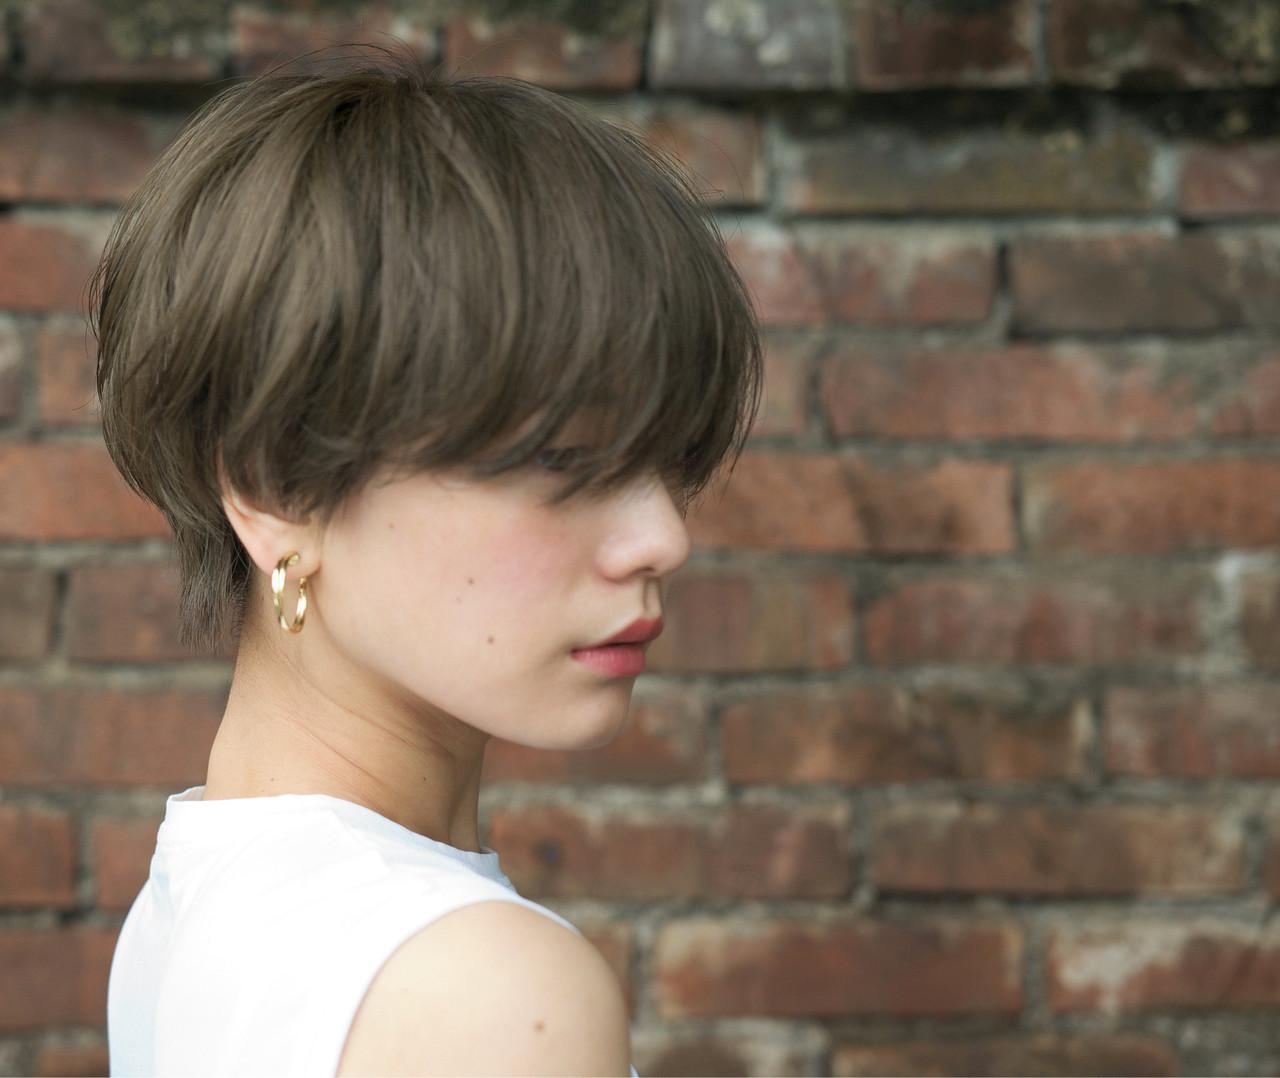 アンニュイほつれヘア ハンサムショート アッシュ ショート ヘアスタイルや髪型の写真・画像